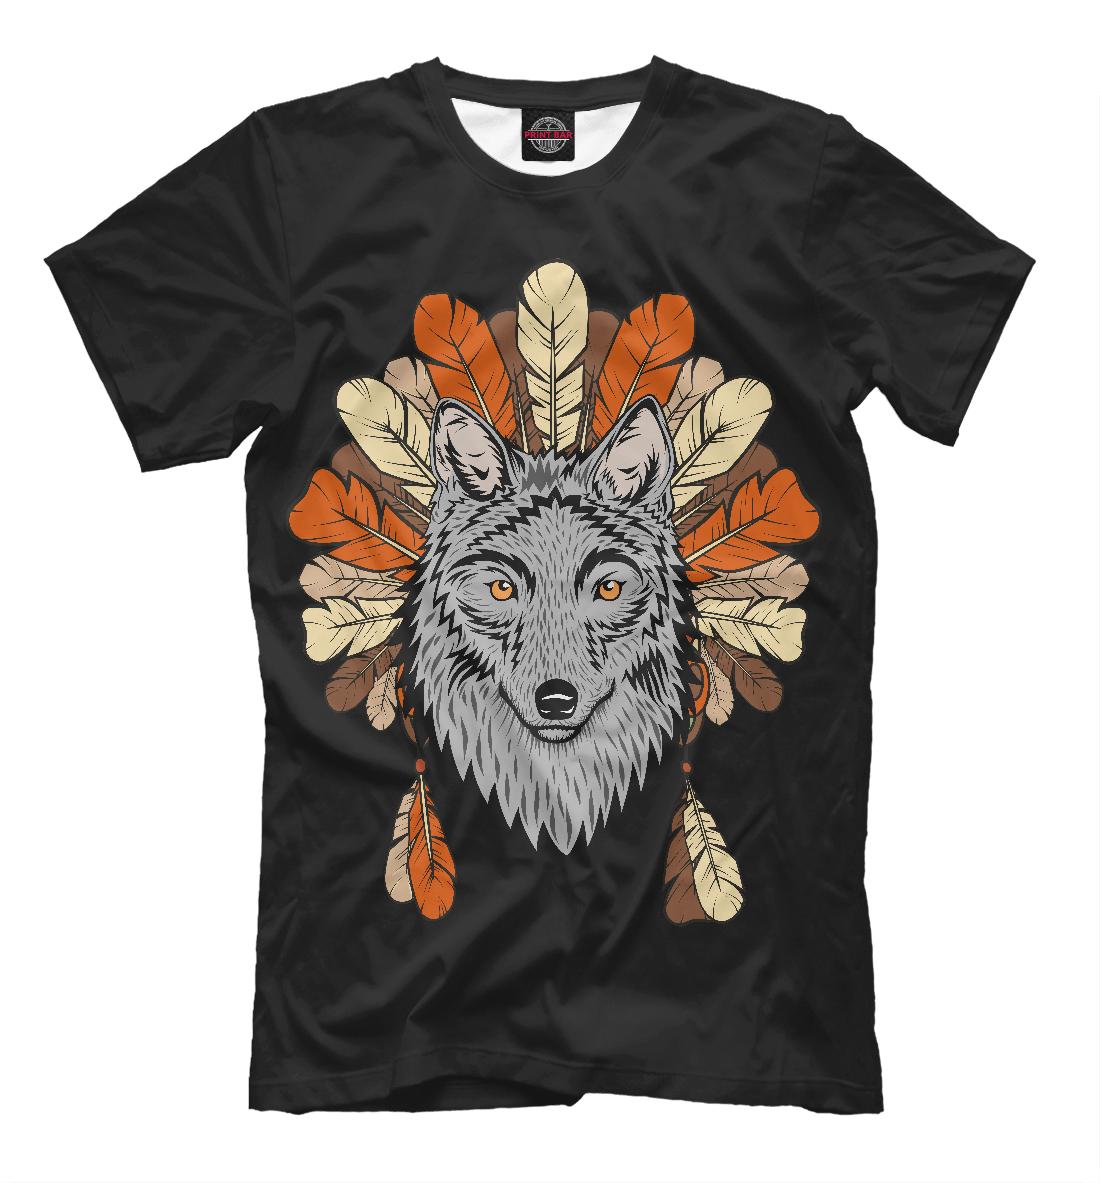 Купить Волк индеец, Printbar, Футболки, VLF-582521-fut-2